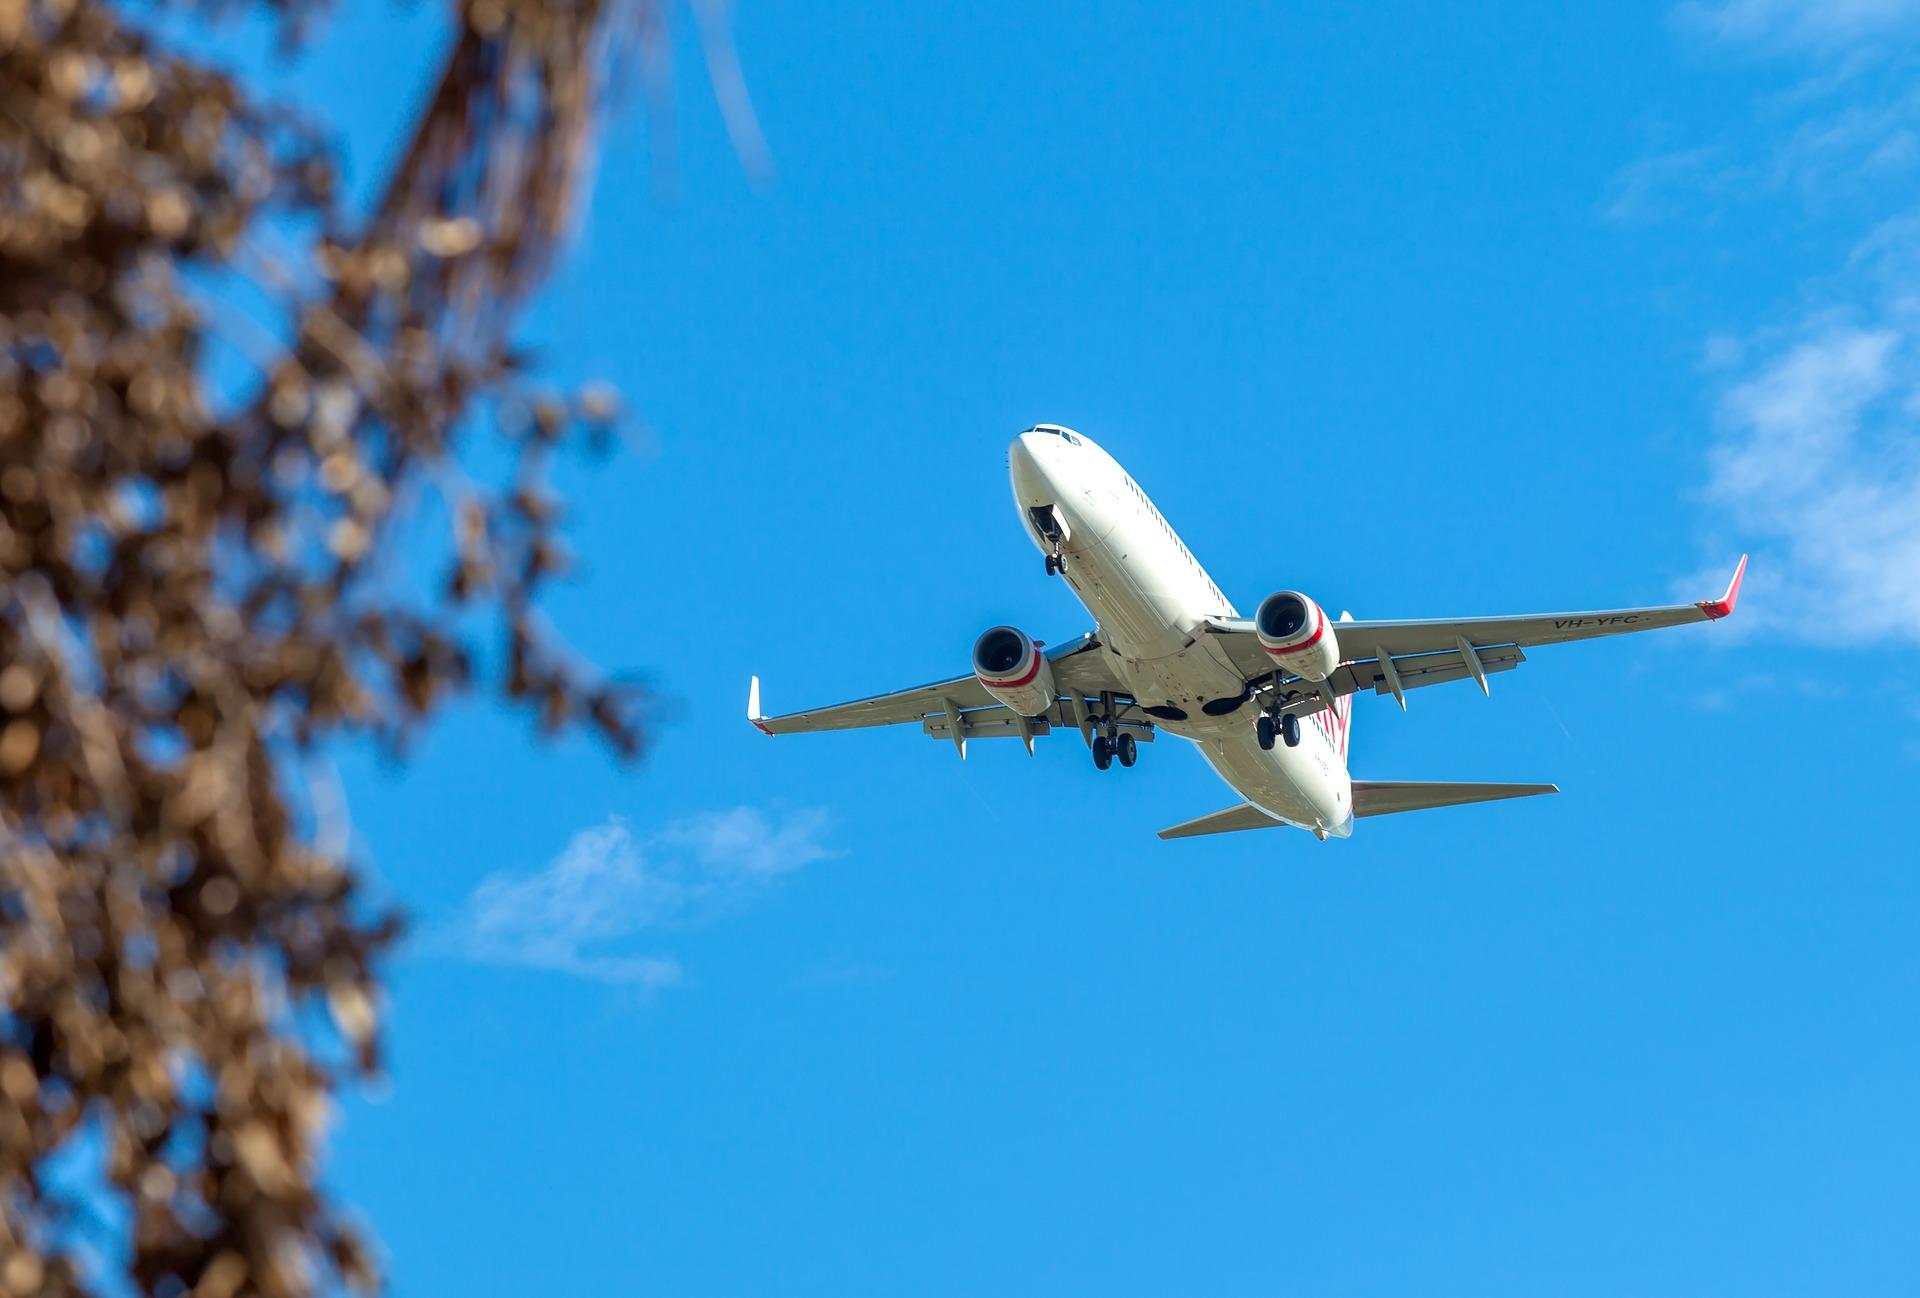 Imagem de um avião comercial decolando